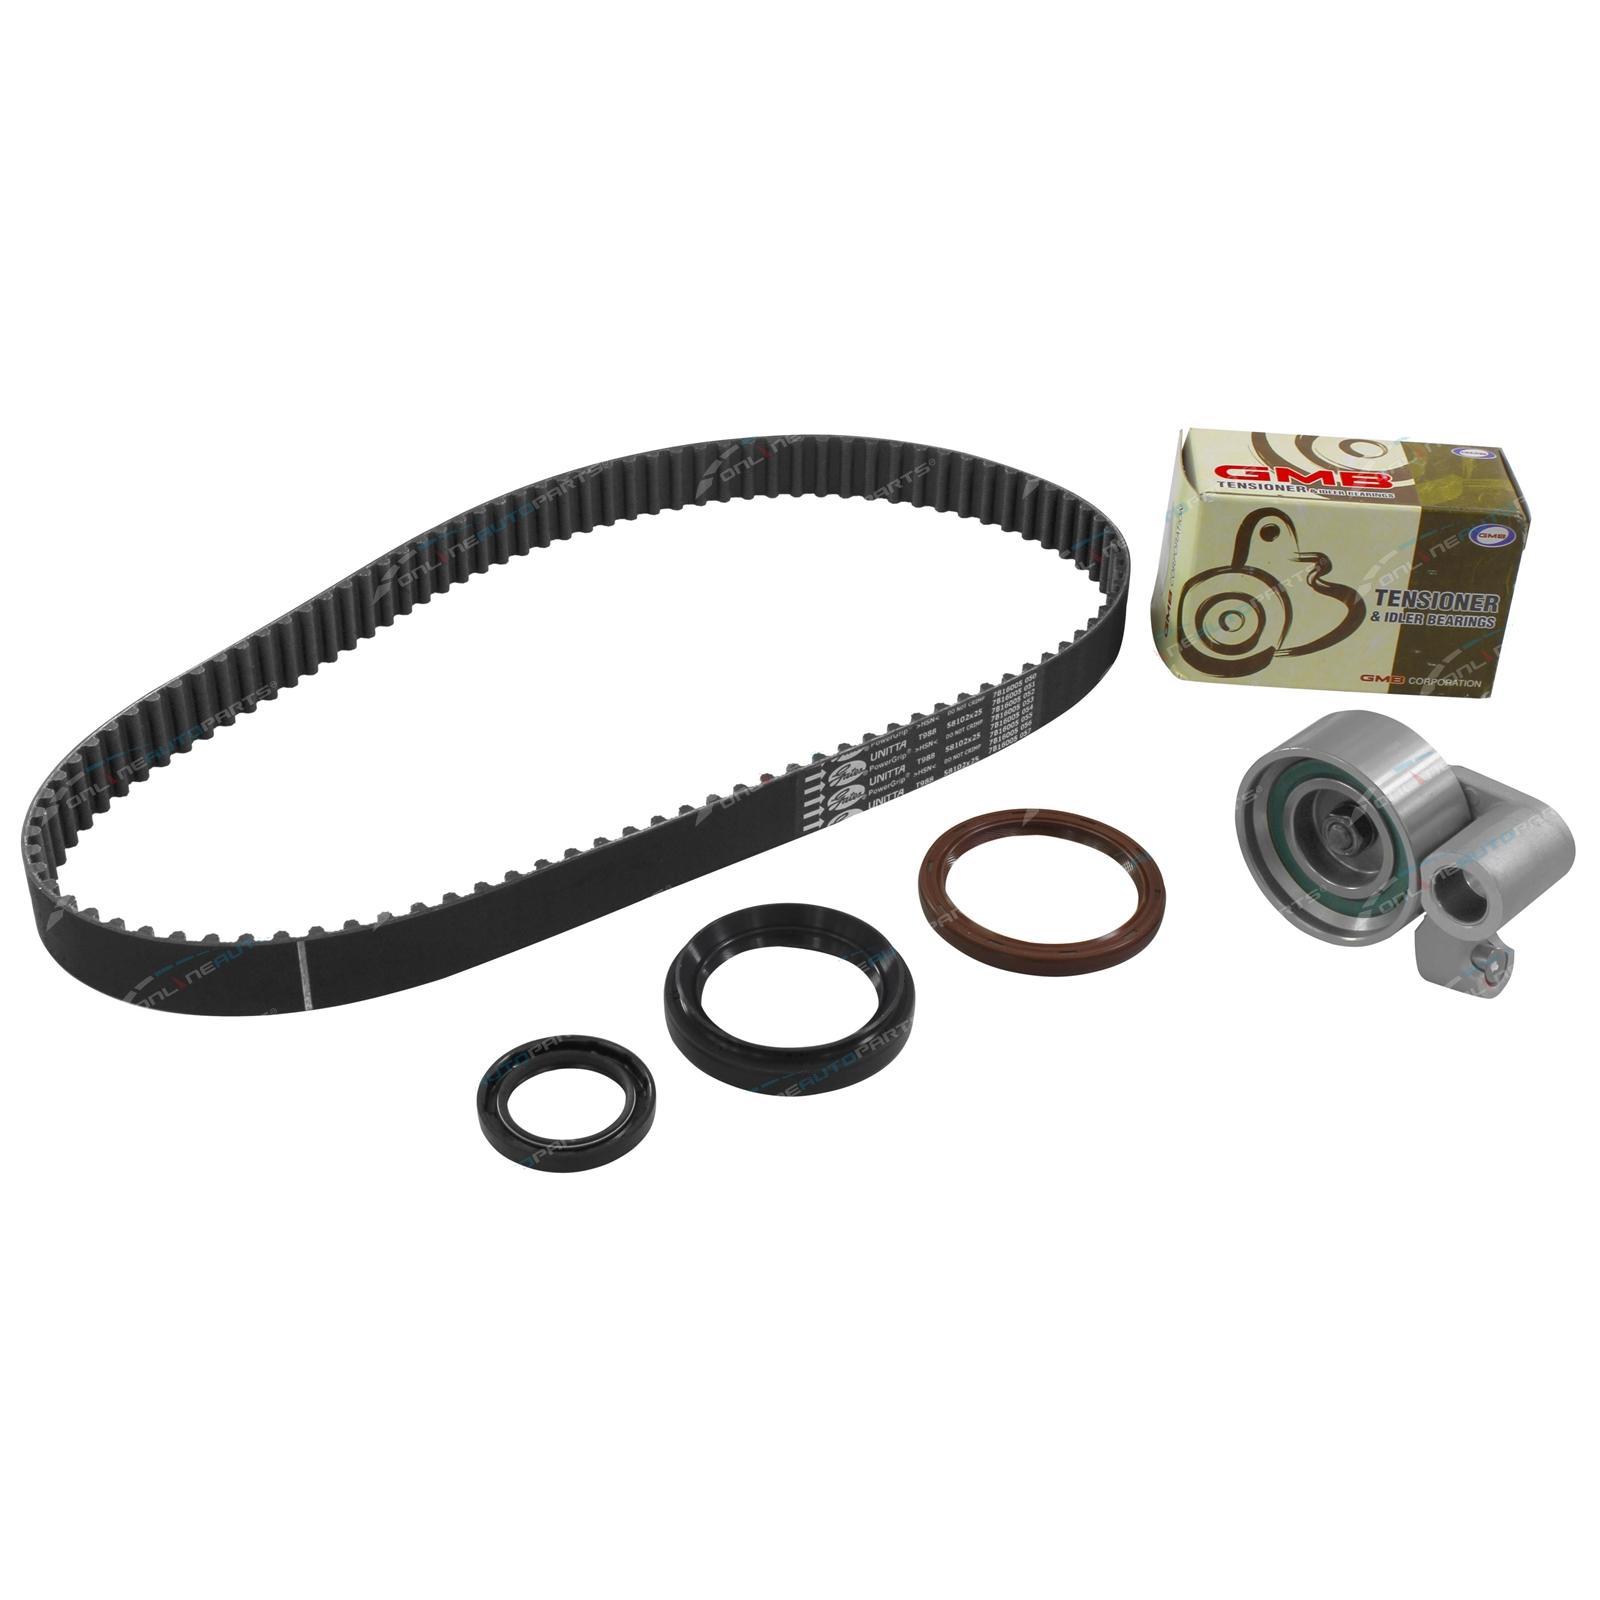 Timing Belt Kit Hilux Surf Kzn130 Kzn165 1kz Te 30l Turbo Diesel 00 Saab 9 5 Click To Enlarge